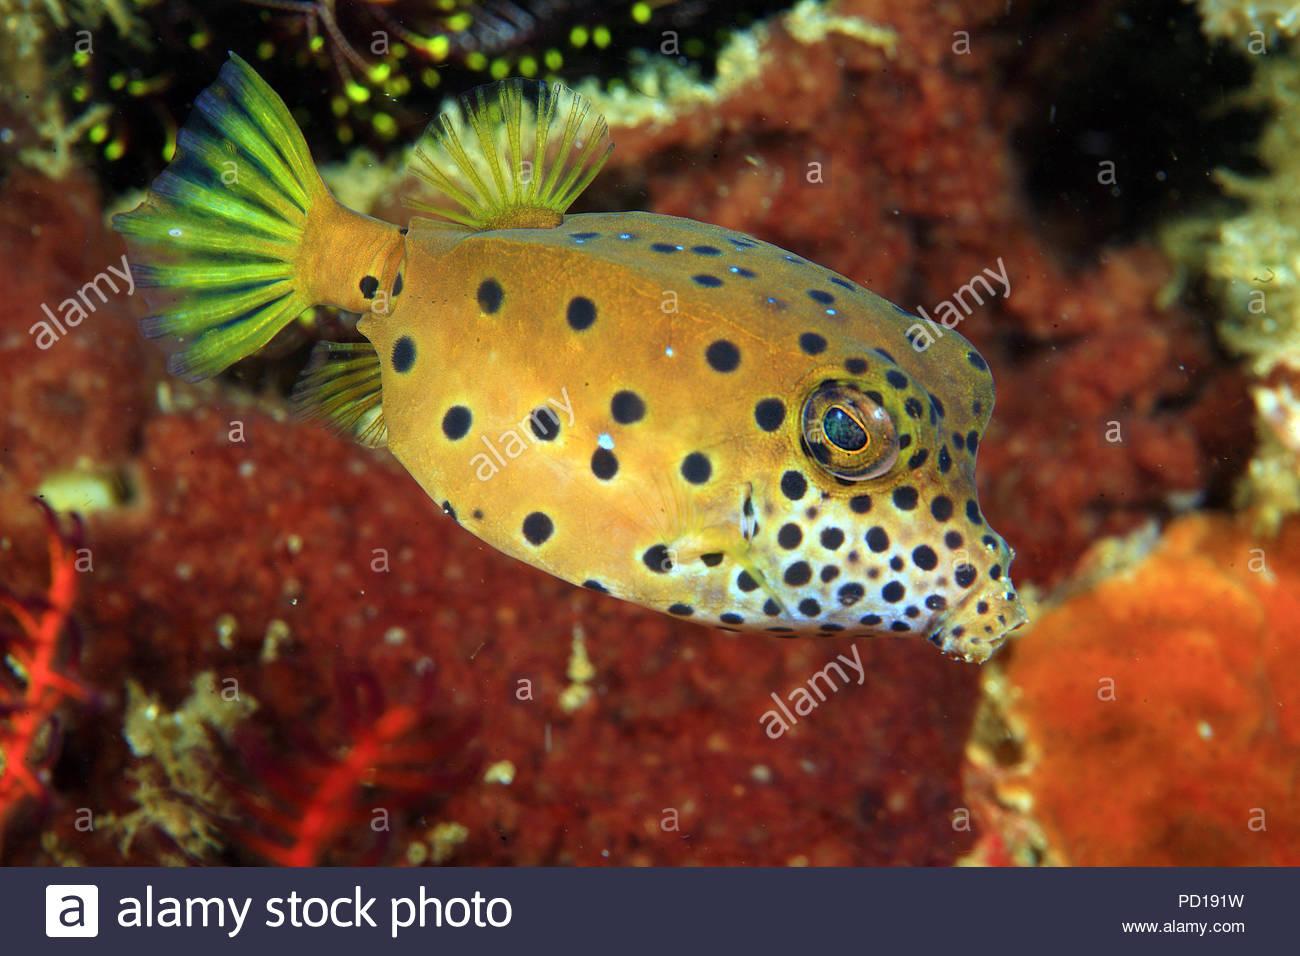 Gelbbrauner Kofferfisch (Ostraciidae), Bali, Indonesien | Yellow Boxfish (Ostraciidae), Bali island, Indonesia - Stock Image